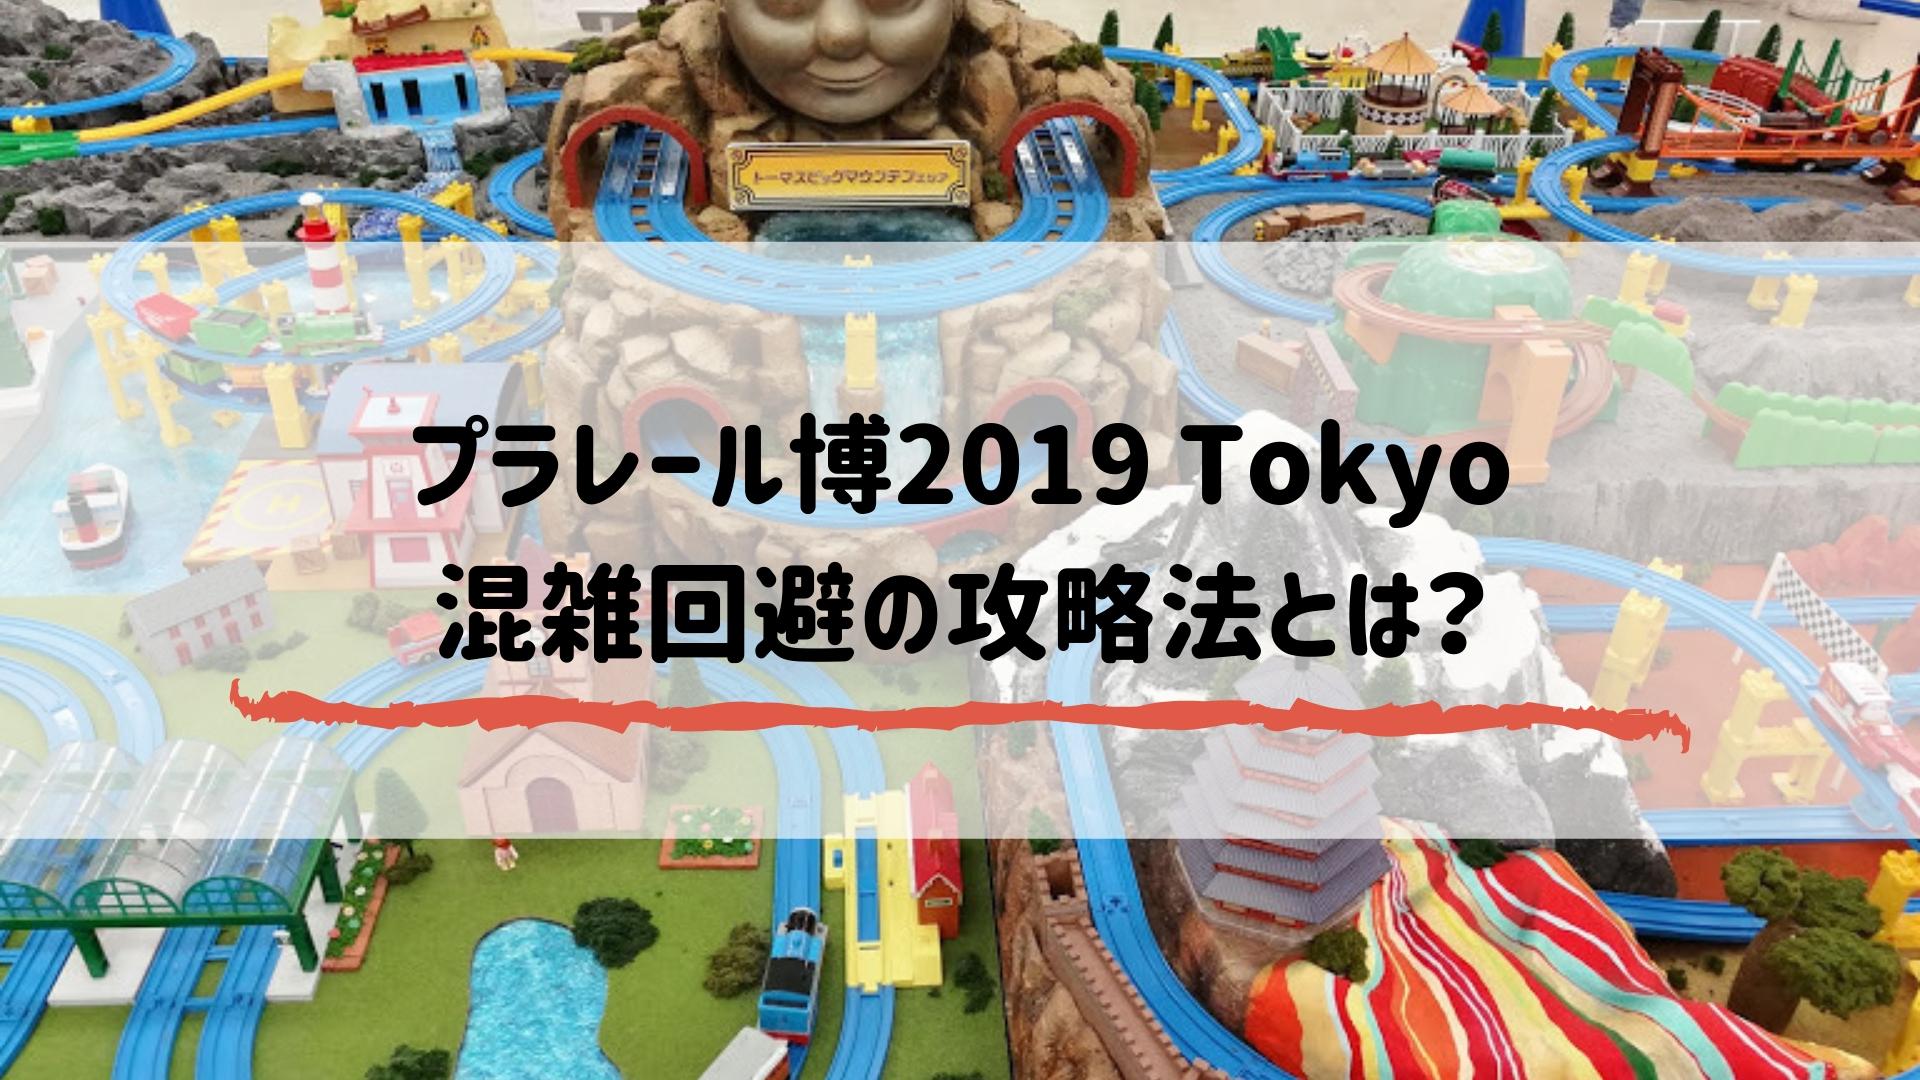 プラレール博2019 Tokyo 混雑回避の攻略法とは?